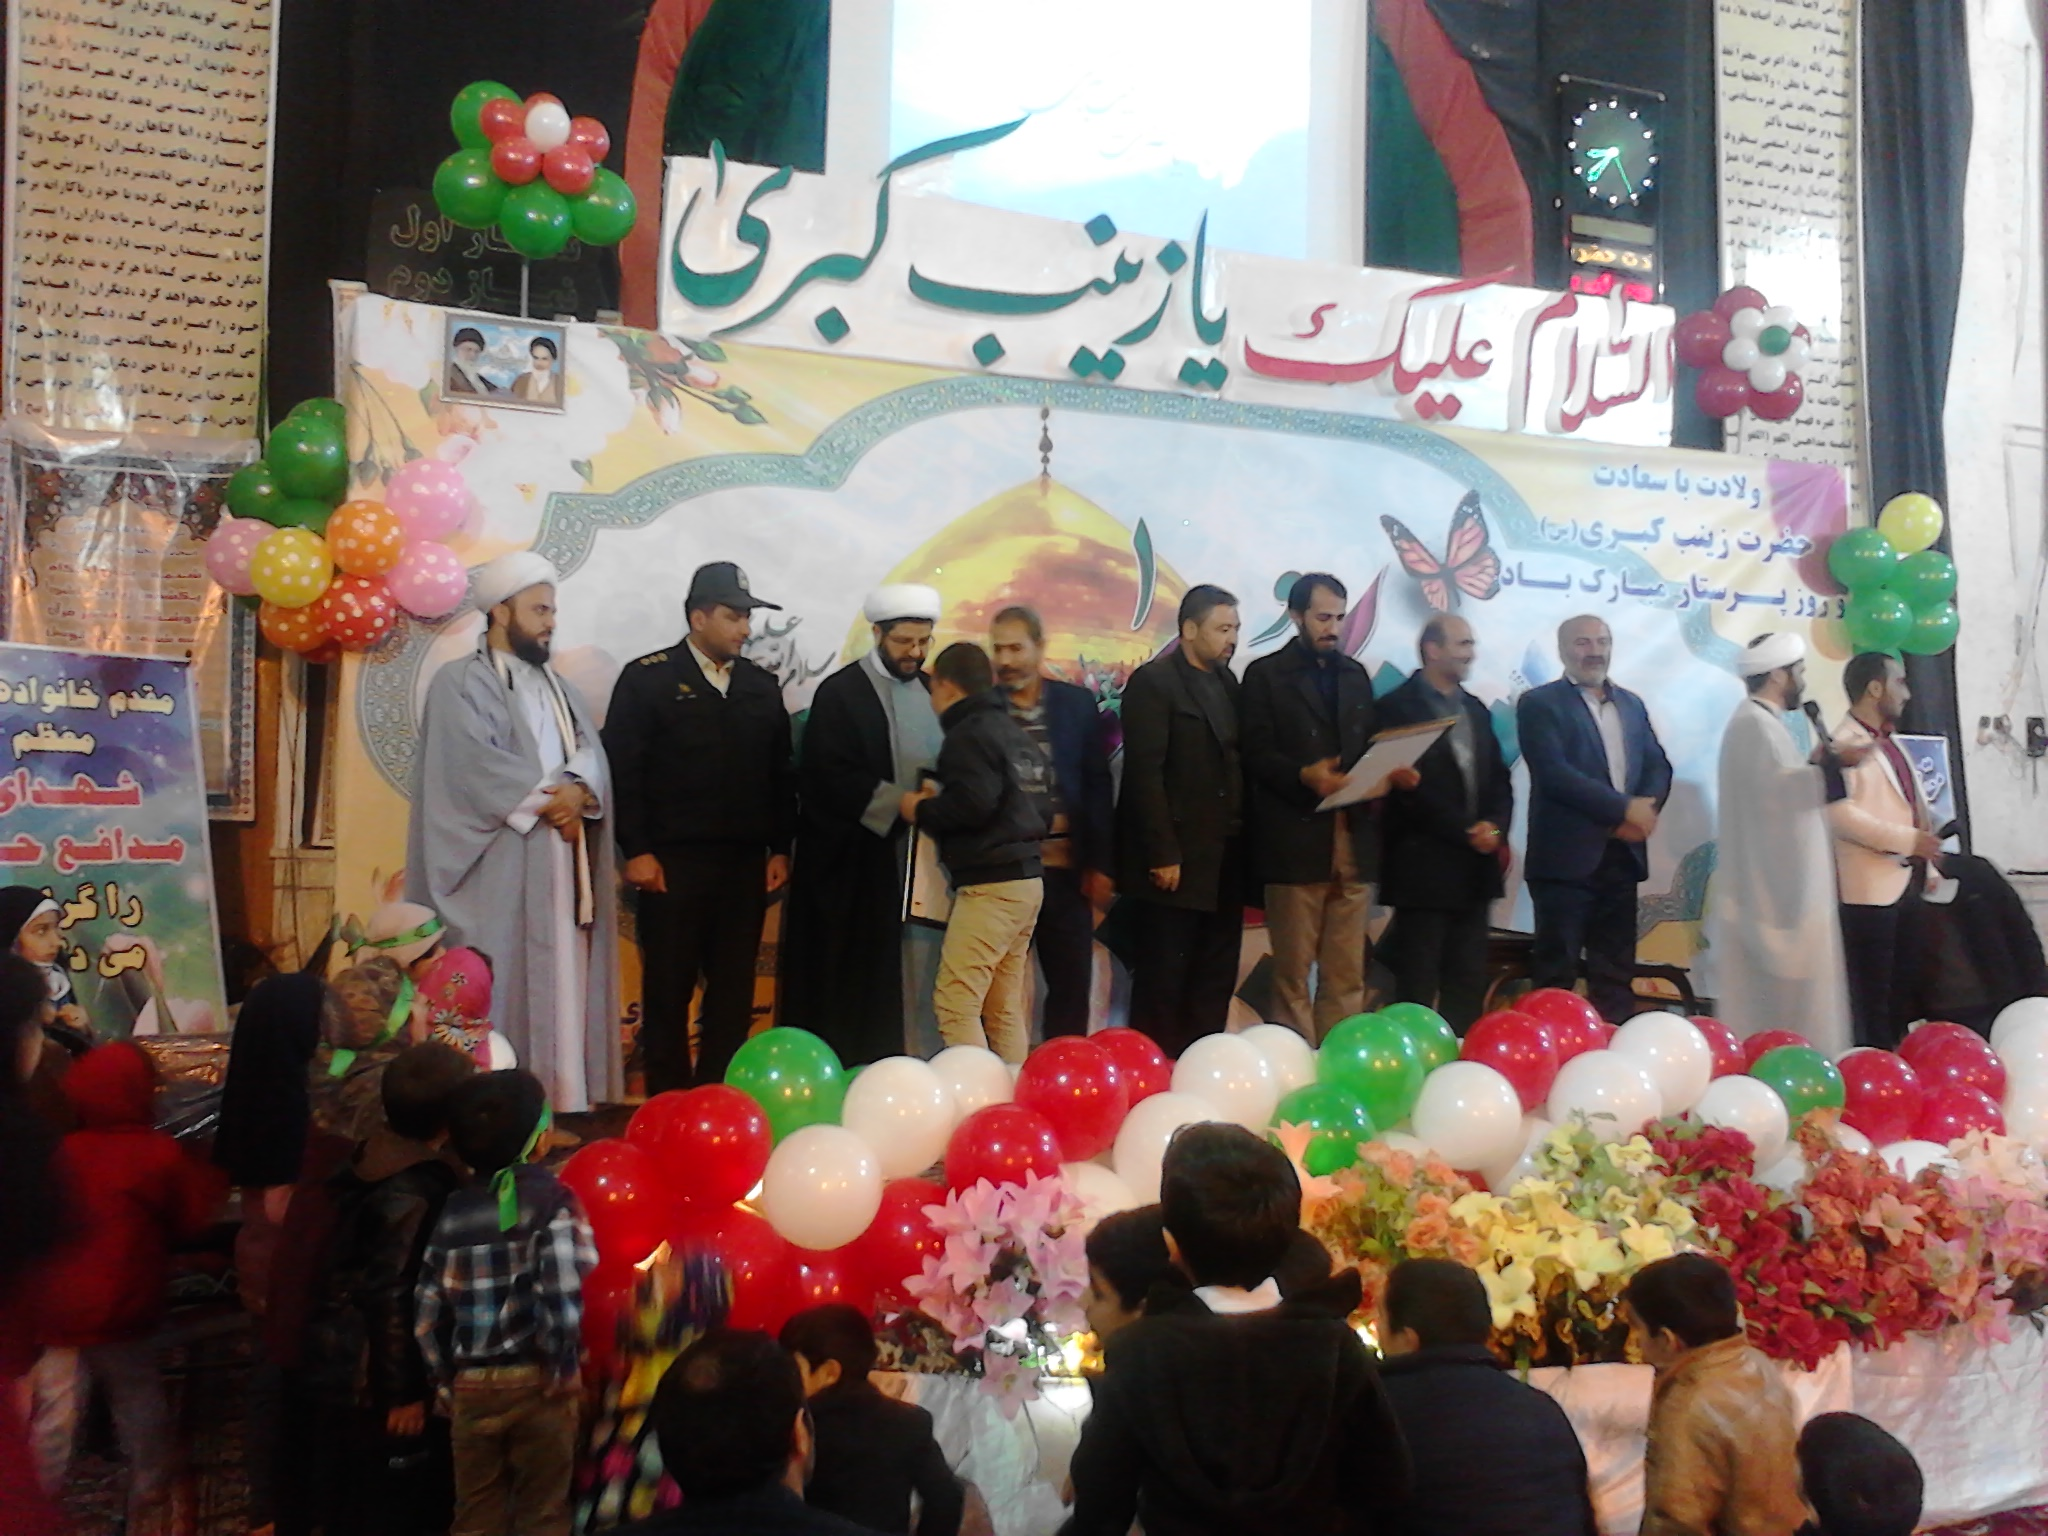 تجلیل از خانواده مدافعین حرم با حضور امام جمعه بخش قهدریجان و دیگر مسئولین در مسجد بلال قهدریجان